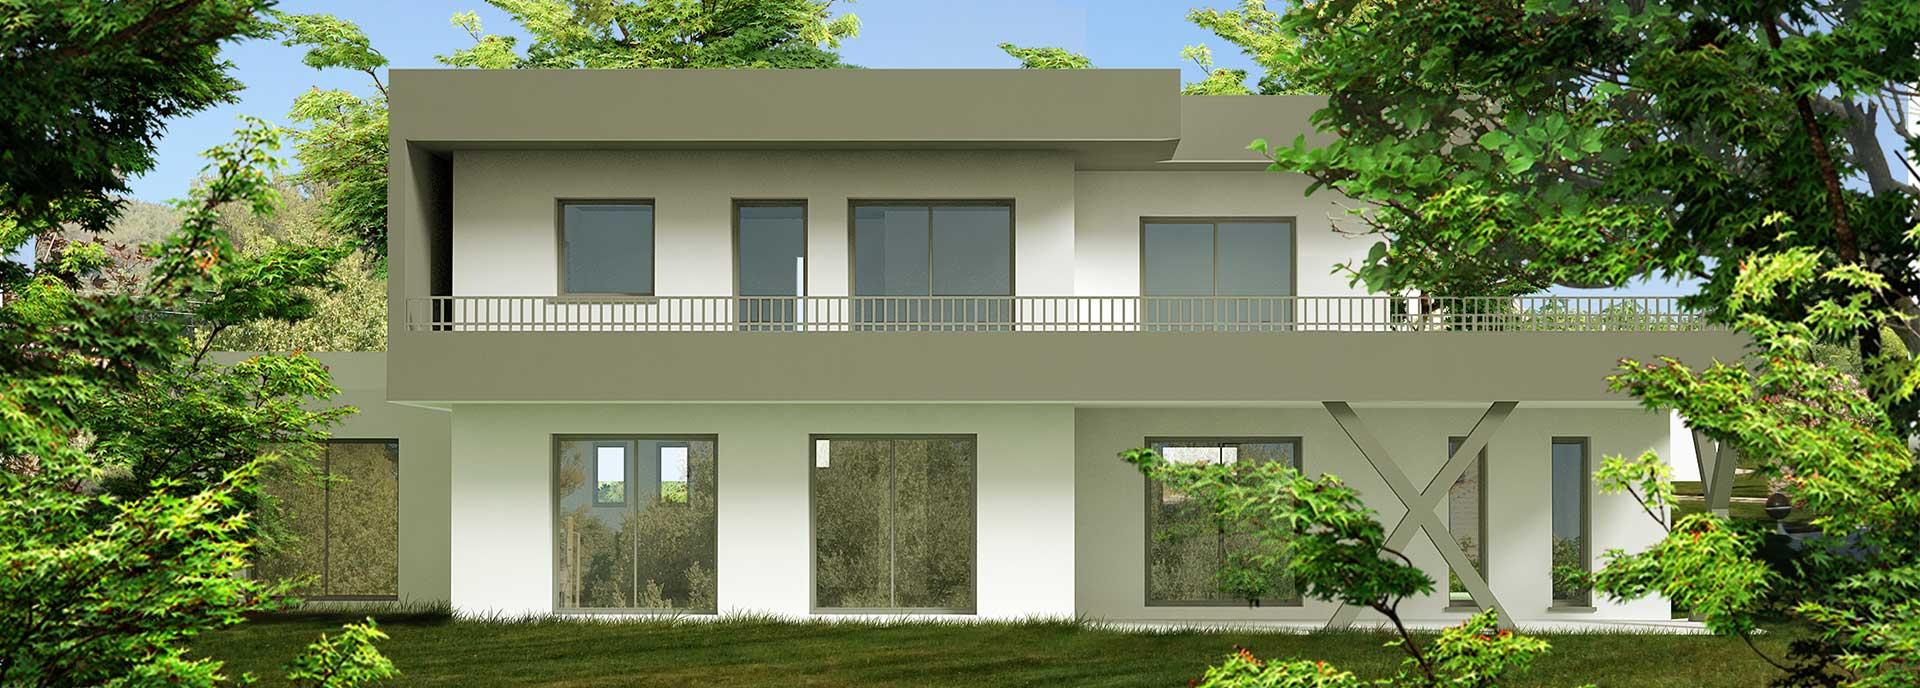 Suntree Villa Concept 4